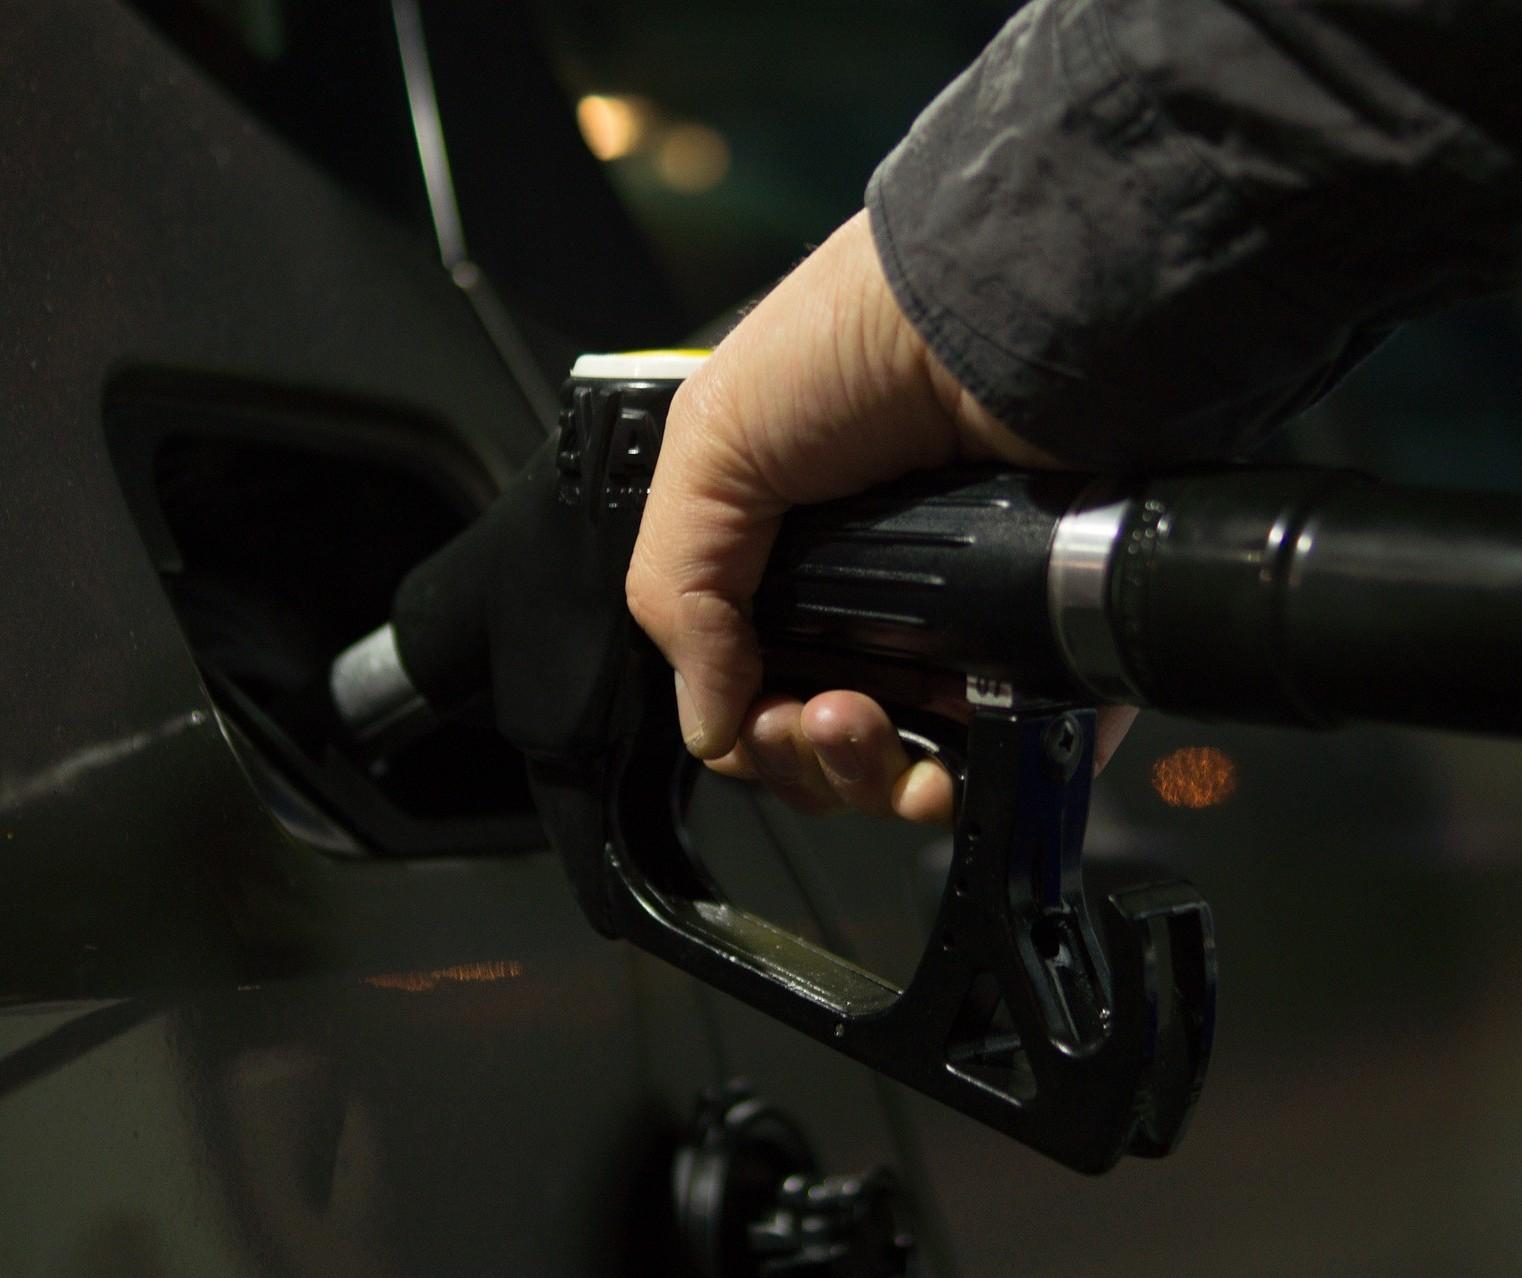 Brasil aceita derrubar tarifa de etanol em troca de mercado de açúcar nos EUA